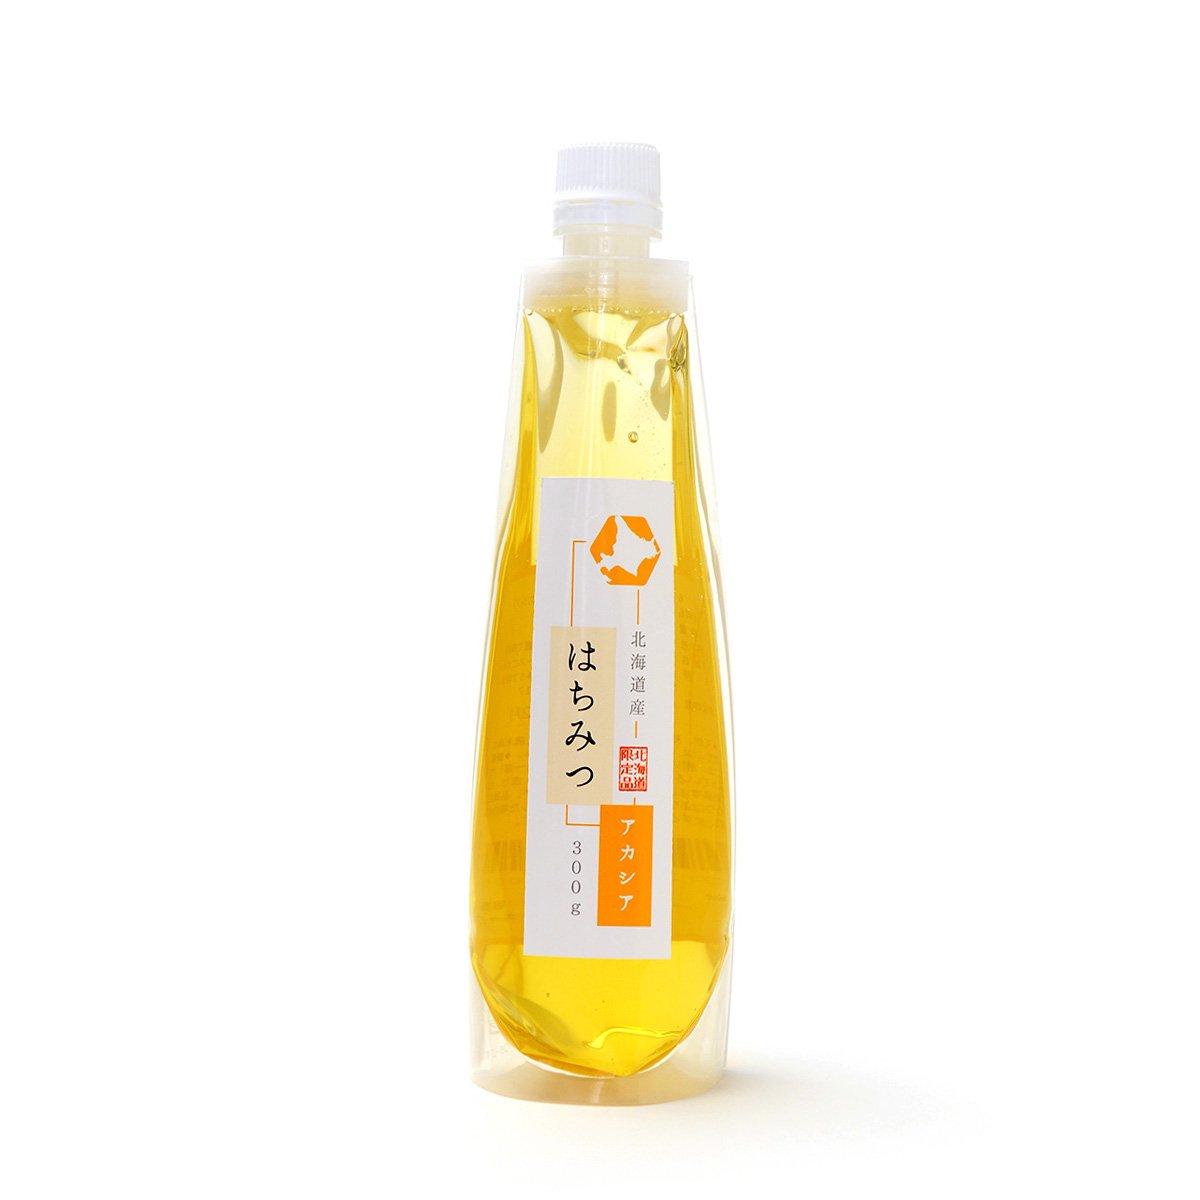 北海道産らくらく蜂蜜 アカシア